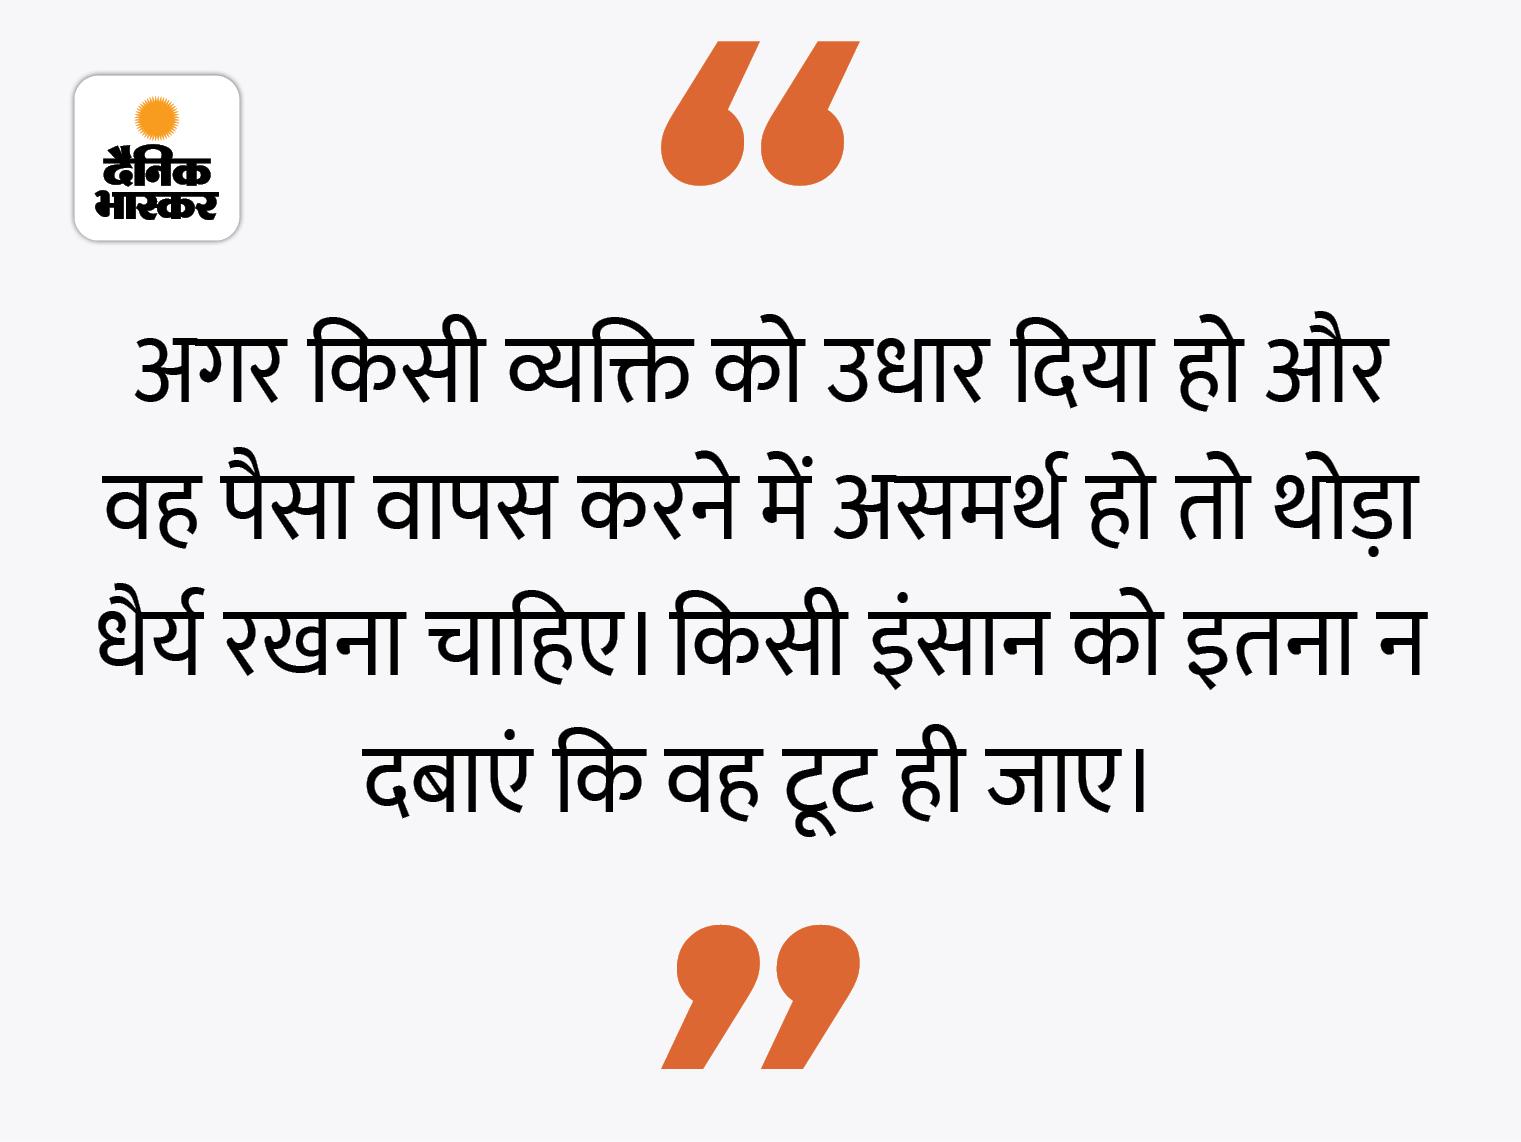 धनवान लोगों में दया का भाव होना चाहिए और वे दूसरों की मजबूरी को भी समझें|धर्म,Dharm - Dainik Bhaskar